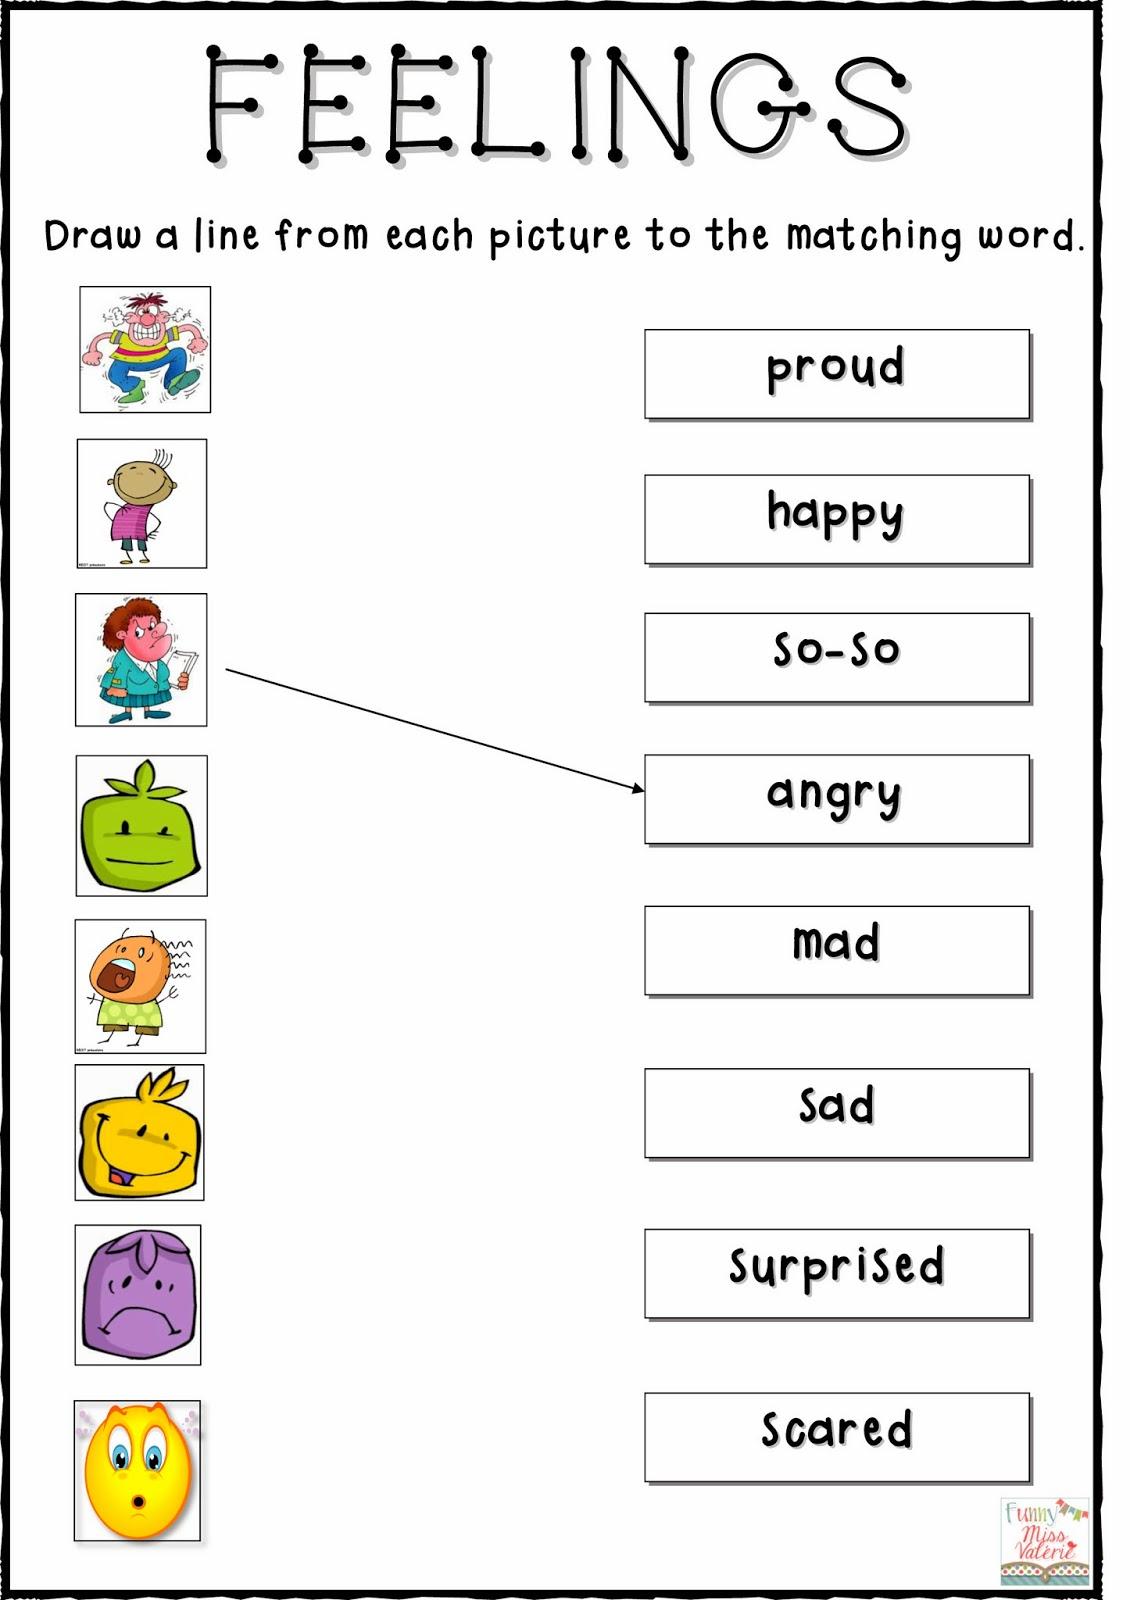 Feelings And Emotions Worksheet Free Printable Worksheets